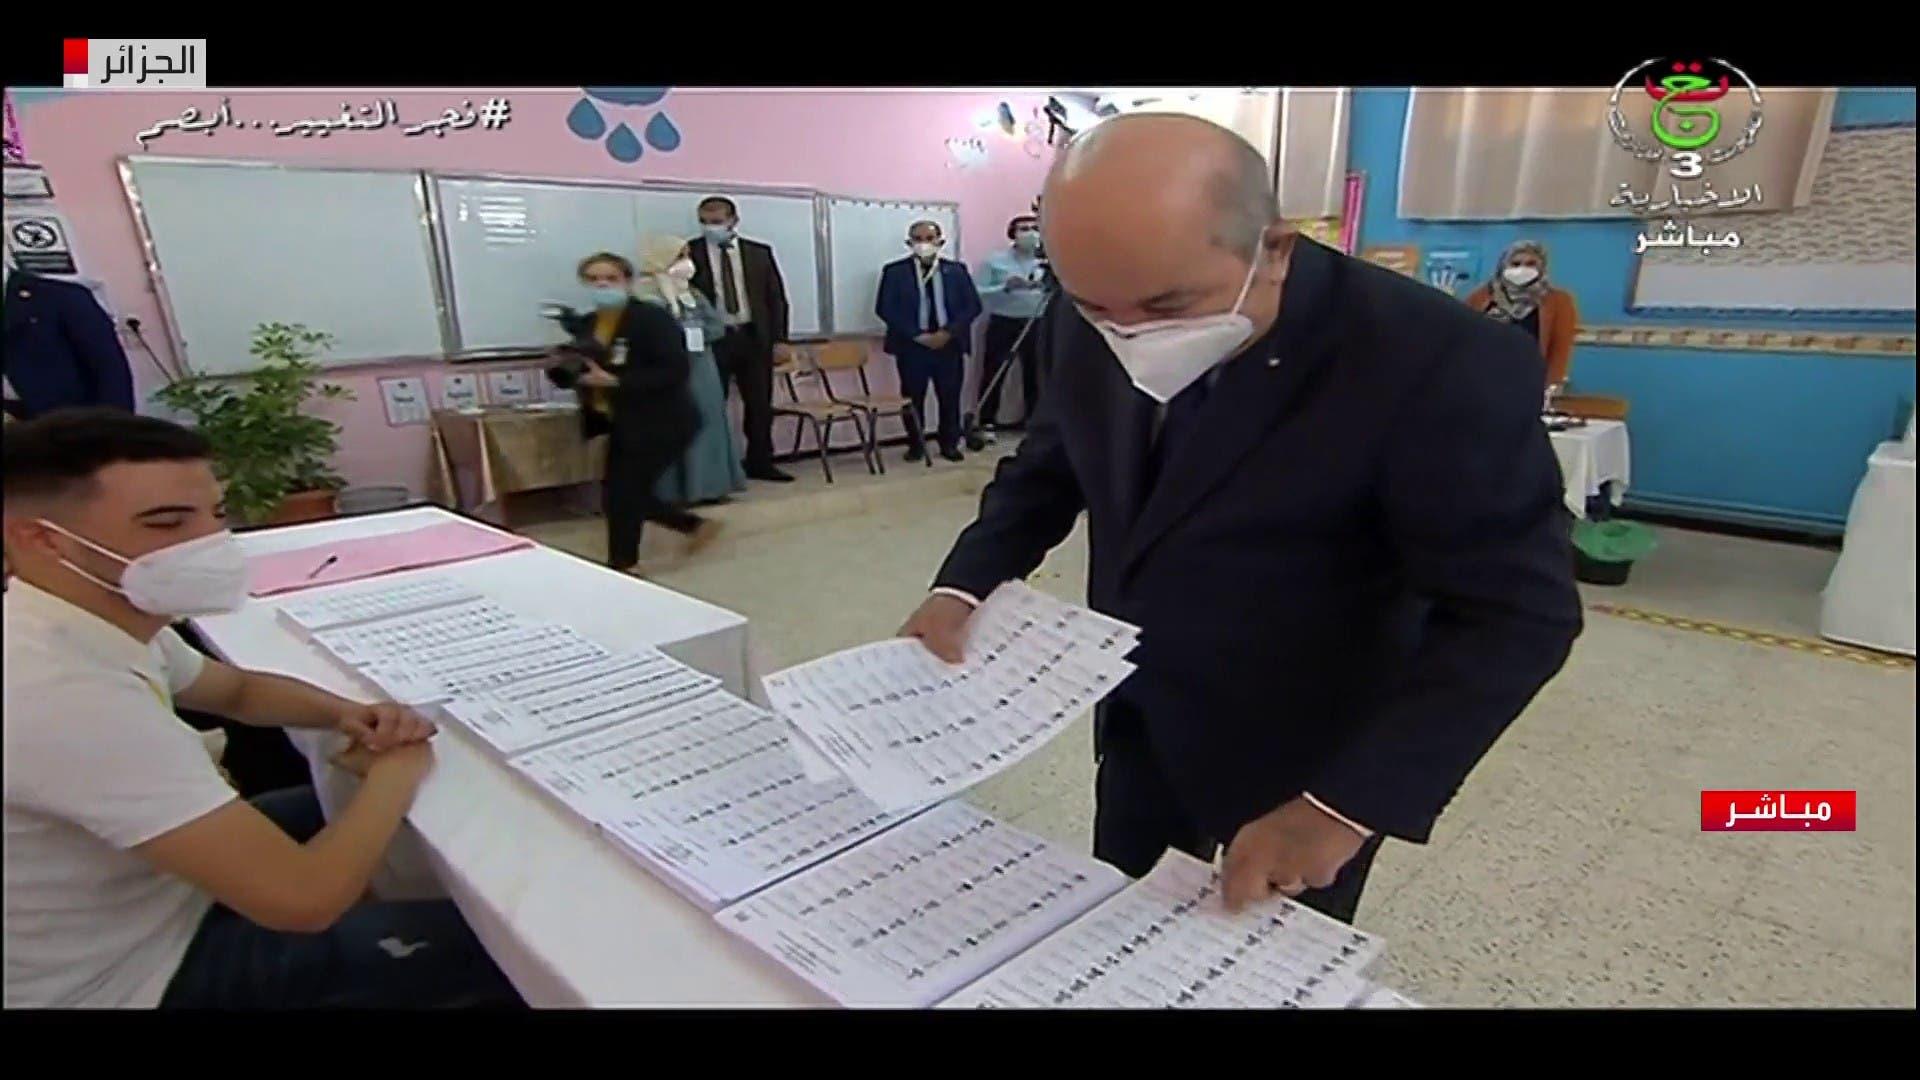 الرئيس الجزائري يقوم بالتصويت في الانتخابات التشريعية